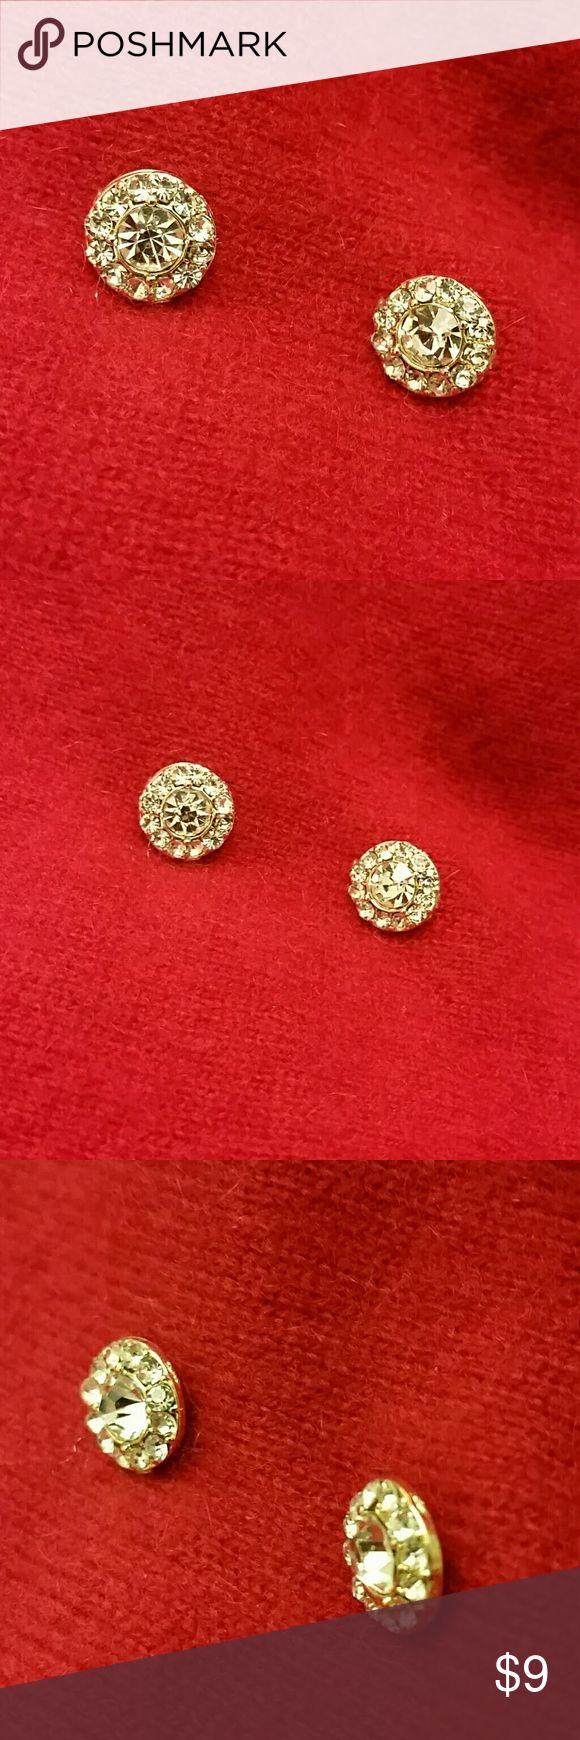 """Ellen Tracy earrings Gold tone earrings with rhinestones. Circle design measures about 1/2"""" across. NEVER WORN...NWOT Ellen Tracy Jewelry Earrings"""